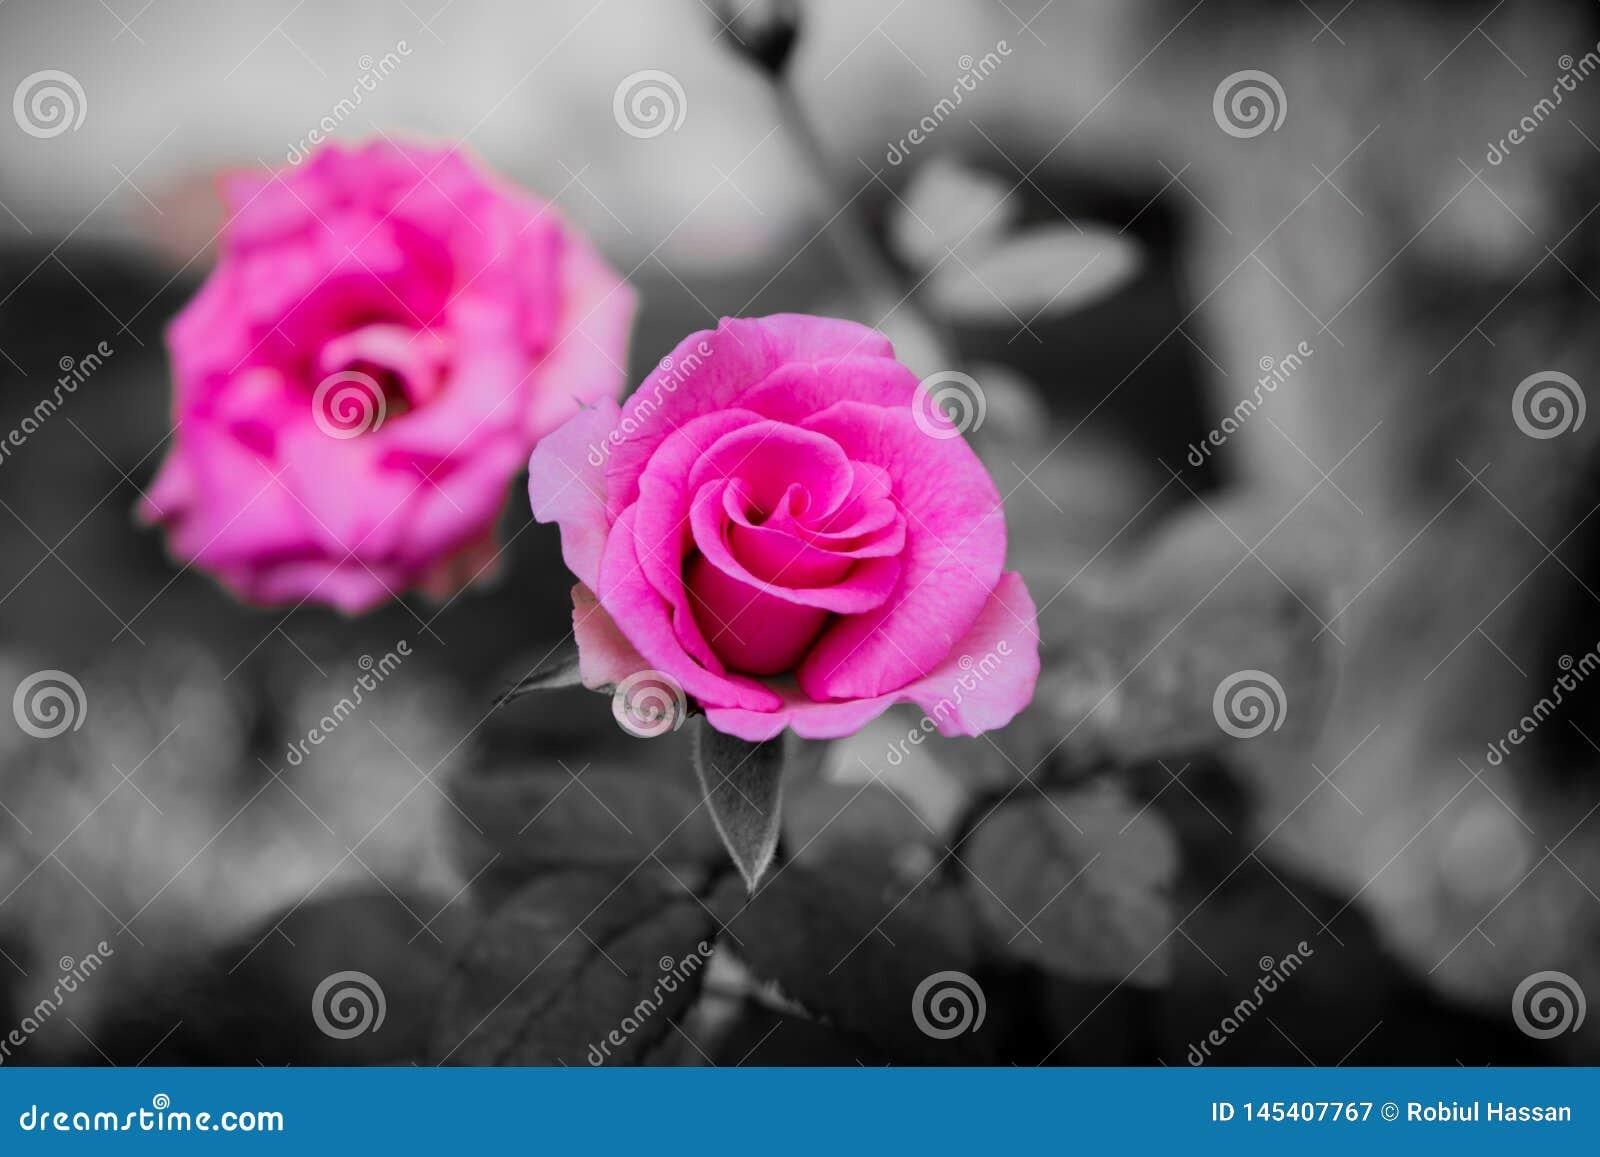 Image de fleur dans la for?t, image de fleur pour tout type de cartes de grettings